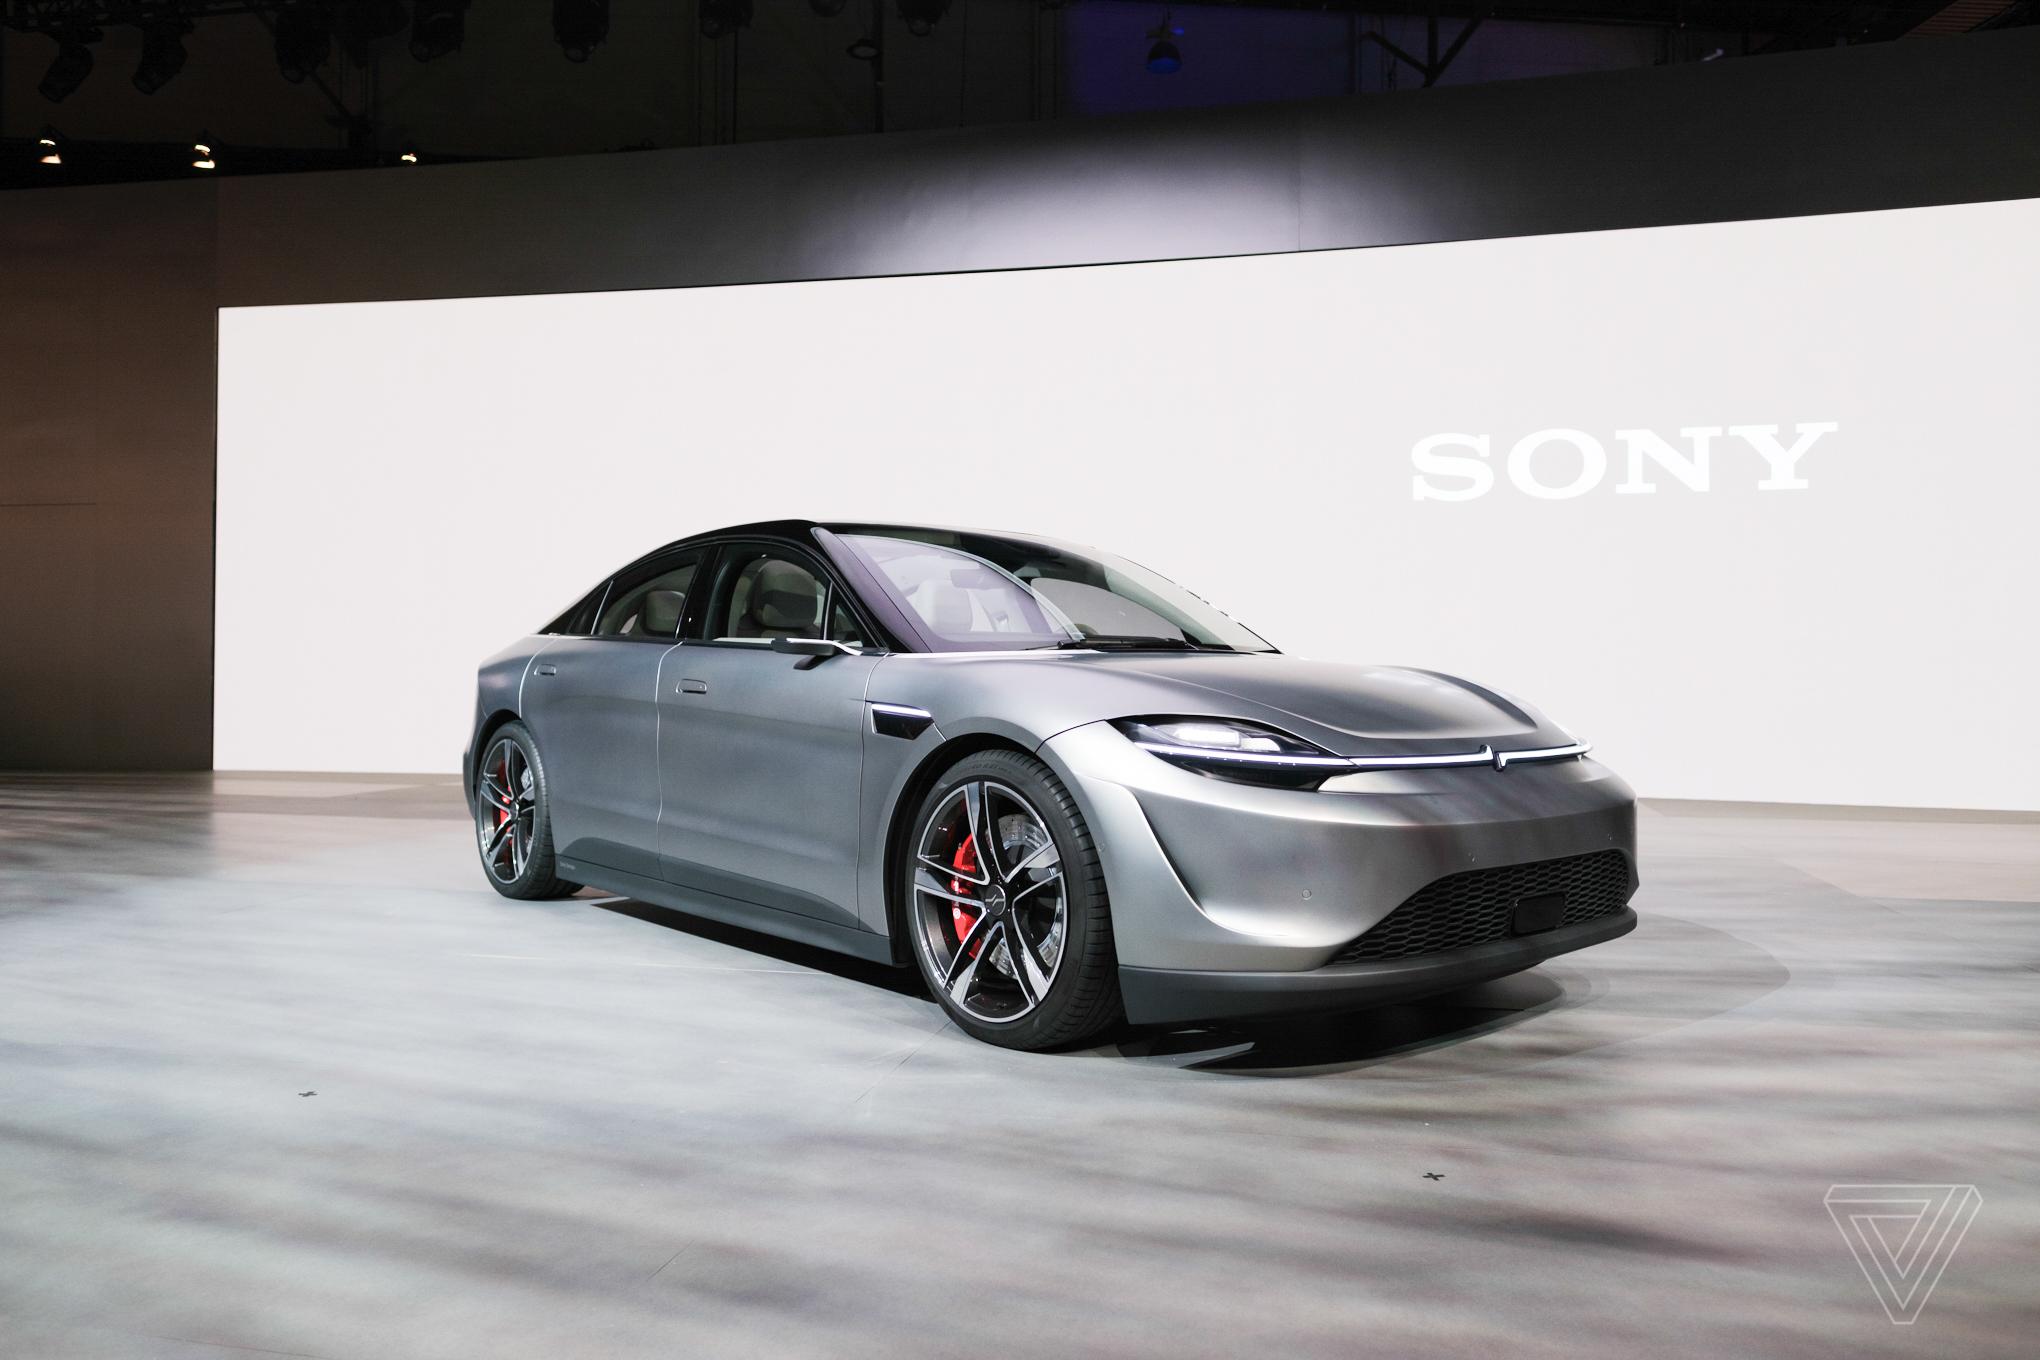 شرکت سونی از طرح مفهومی خودرو هوشمند خود رونمایی کرد